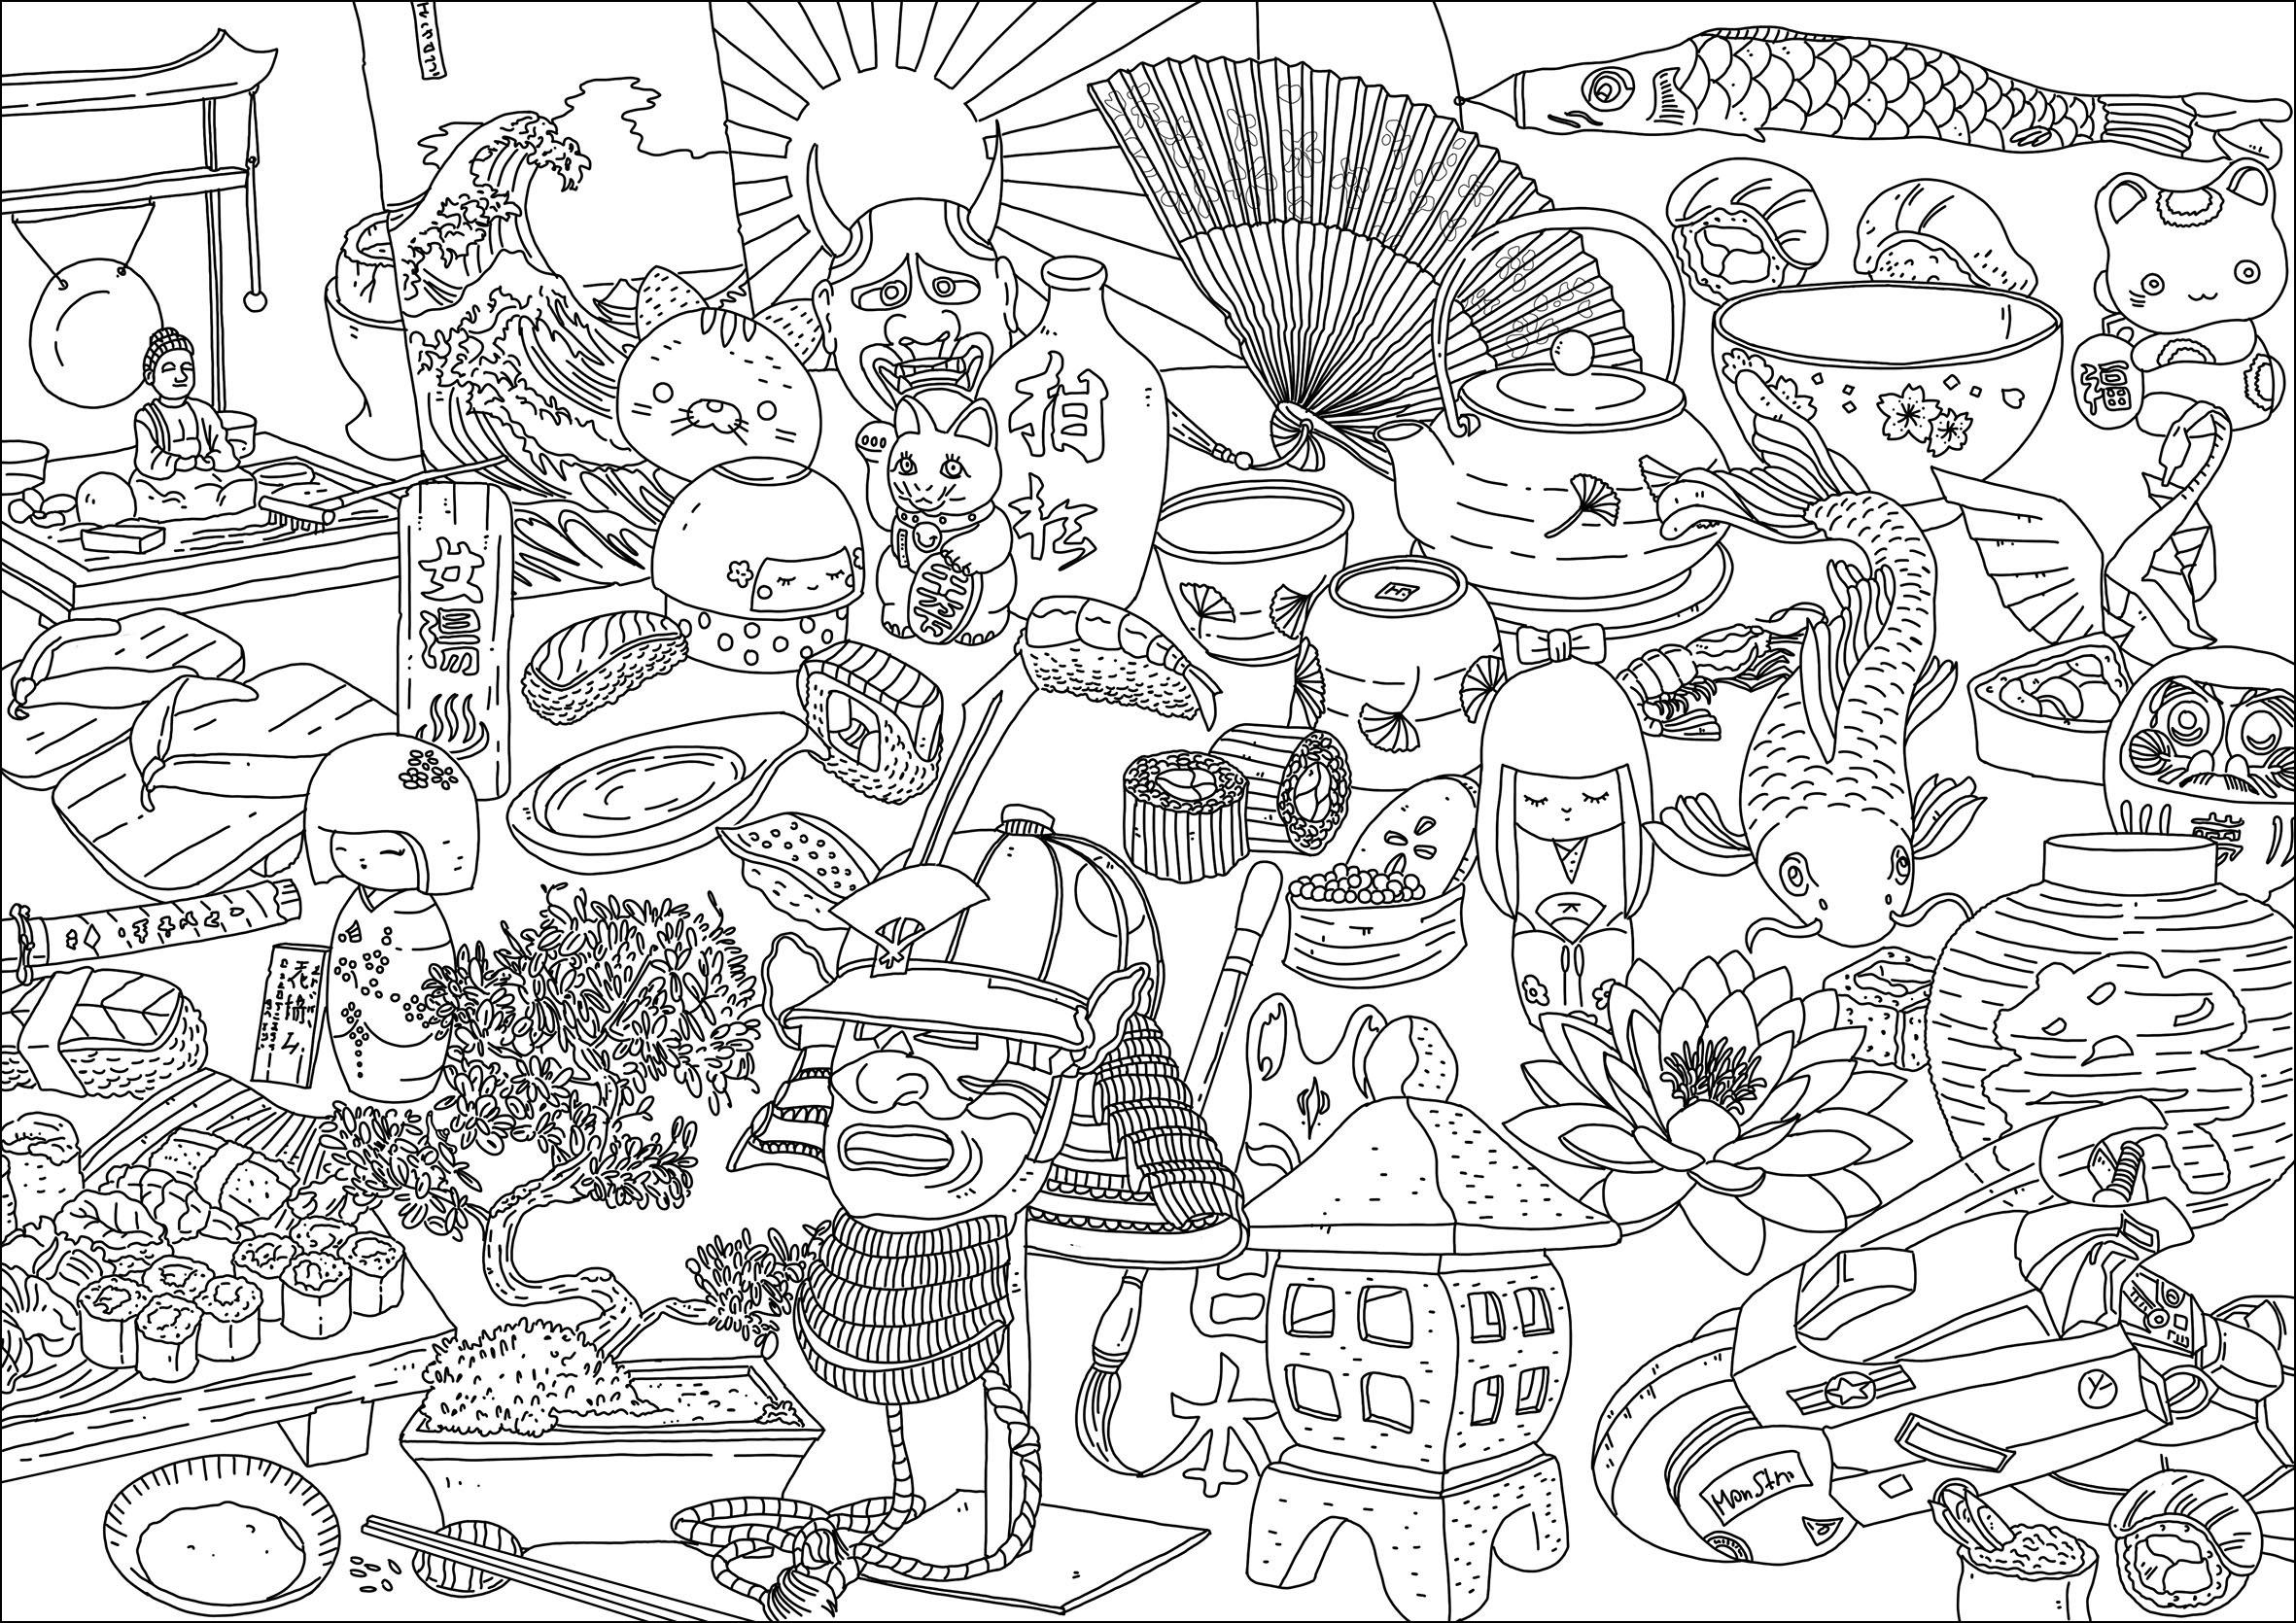 Différents symboles du Japon. Maneki neko, masques, Bonsaï, statuettes, truite, lotus, grande vague, drapeau, sushis ...